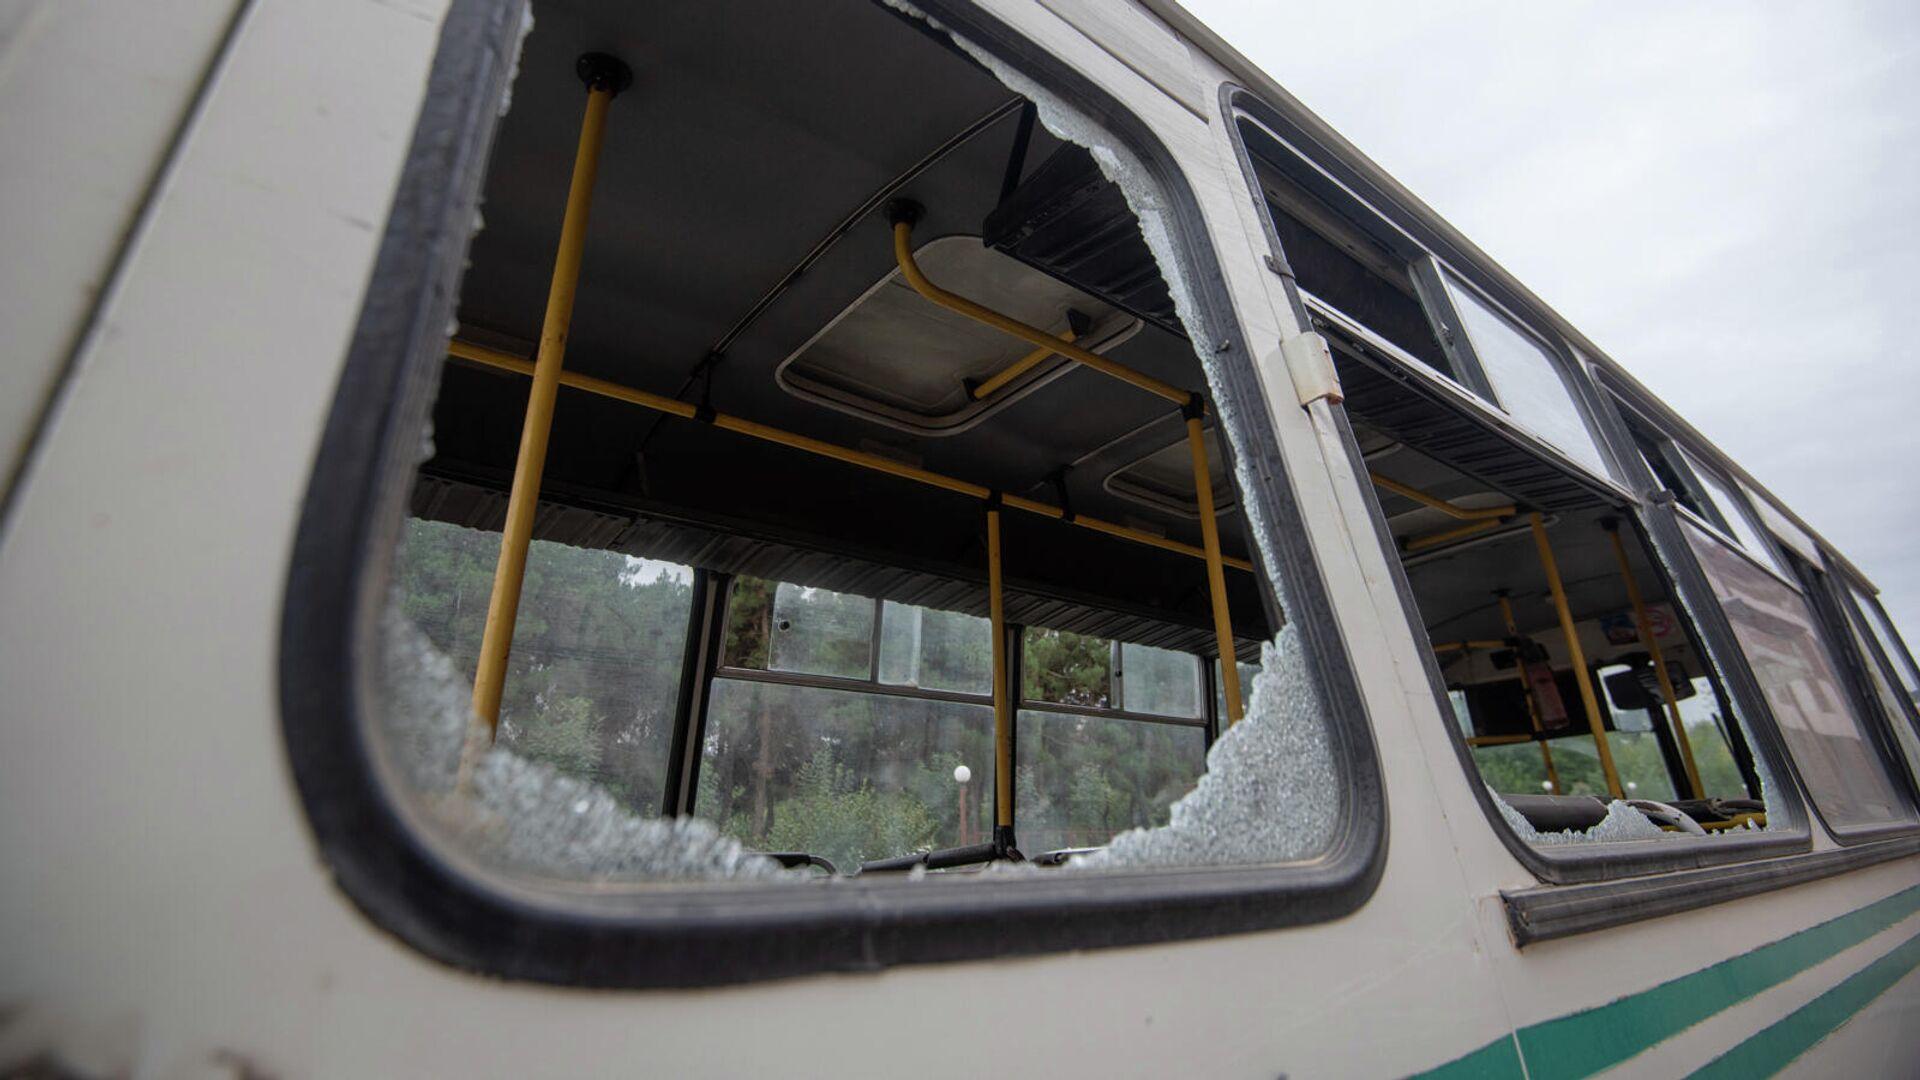 Автобус в городе Мартуни непризнанной Нагорно-Карабахской Республики - РИА Новости, 1920, 28.09.2020